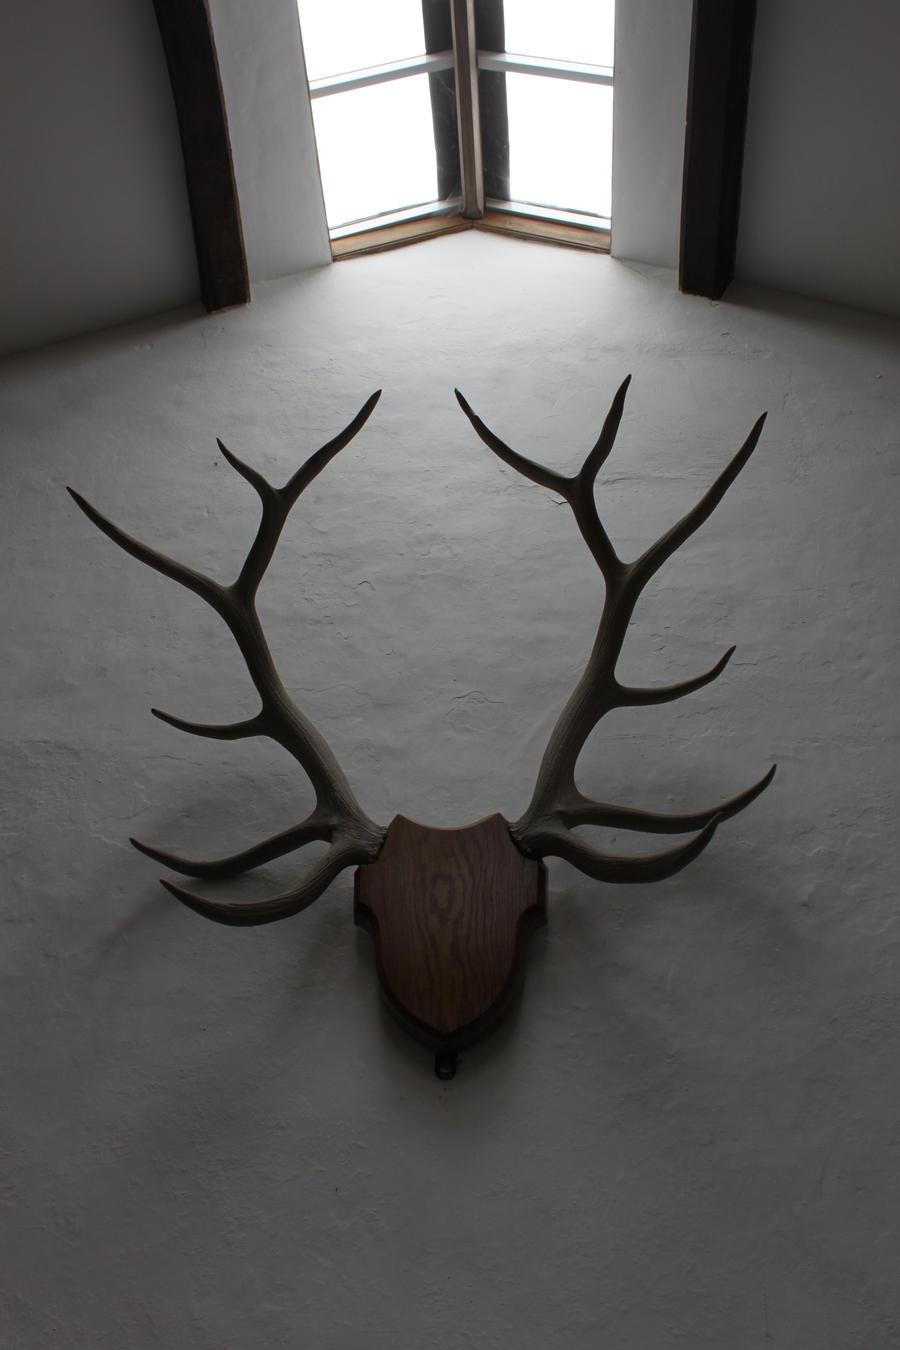 Antlers 2 by Tasastock